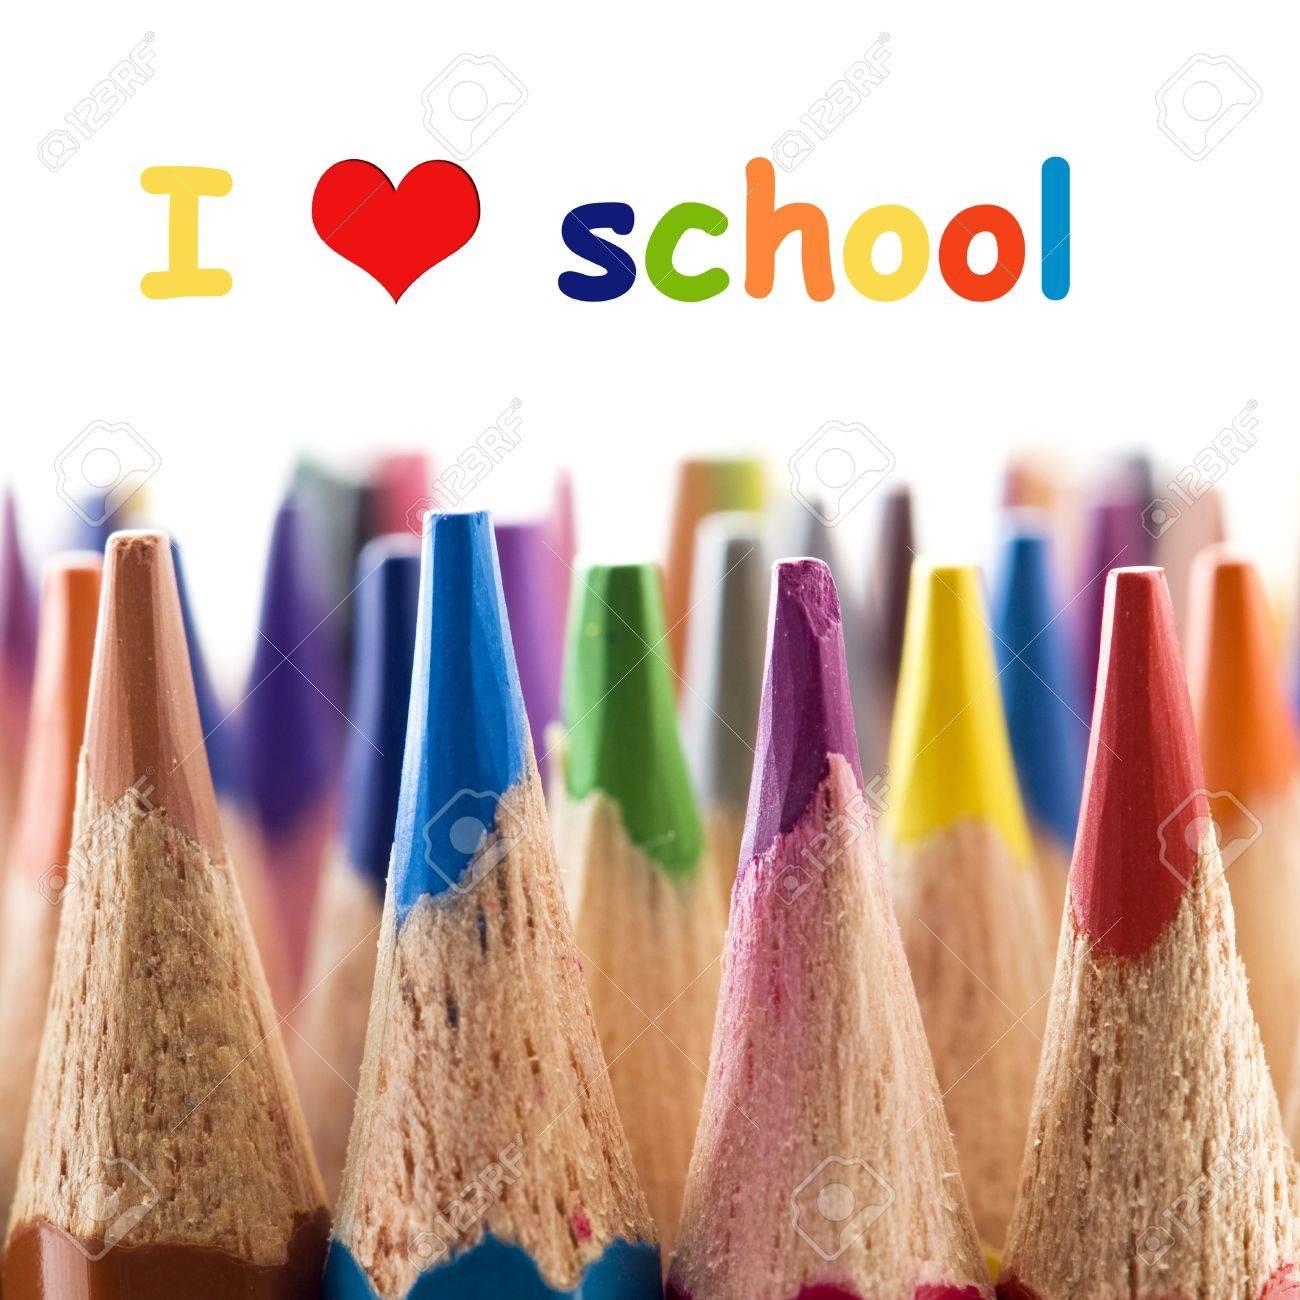 I love school Stock Photo - 11855140